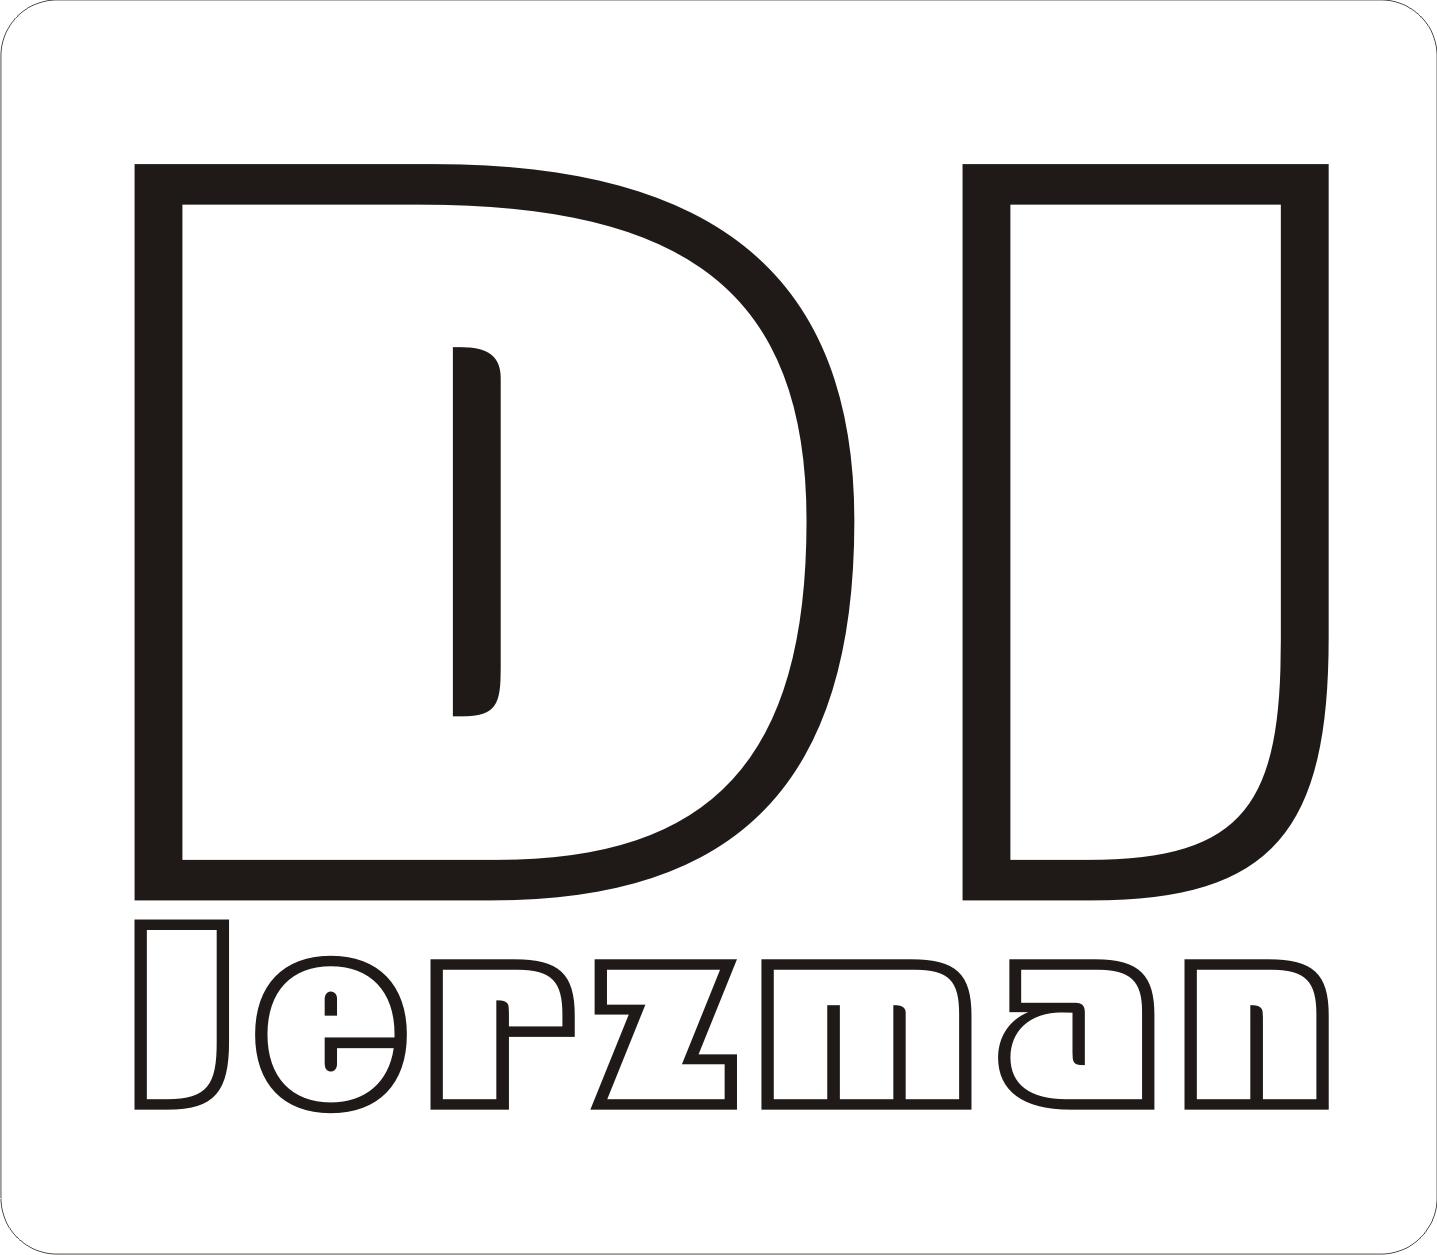 logo_jerzman